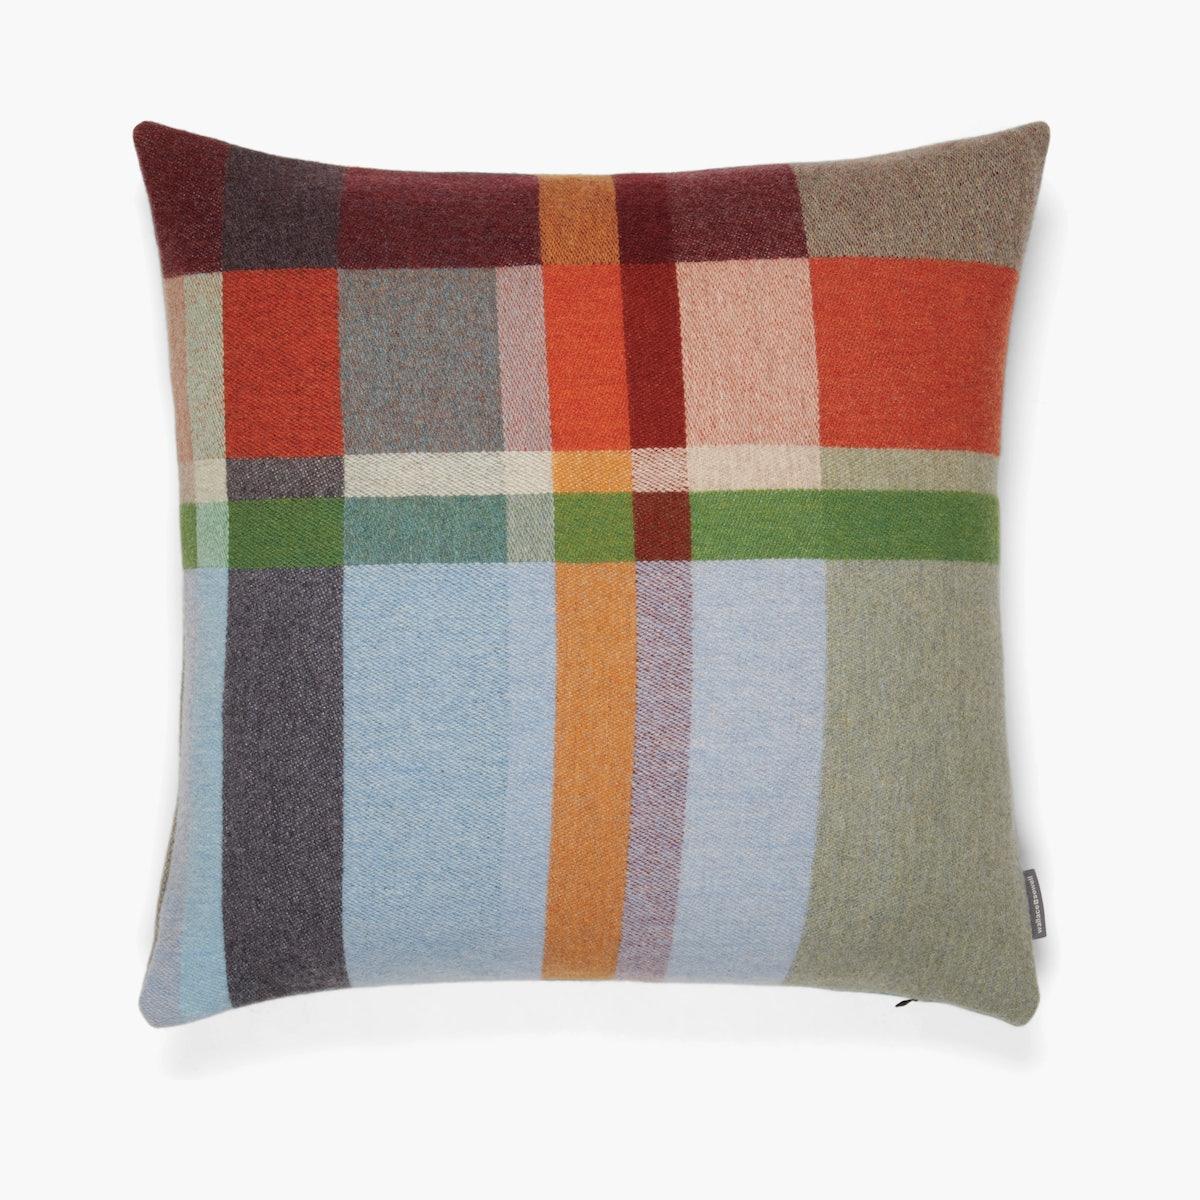 Feilden Lambswool Block Pillow